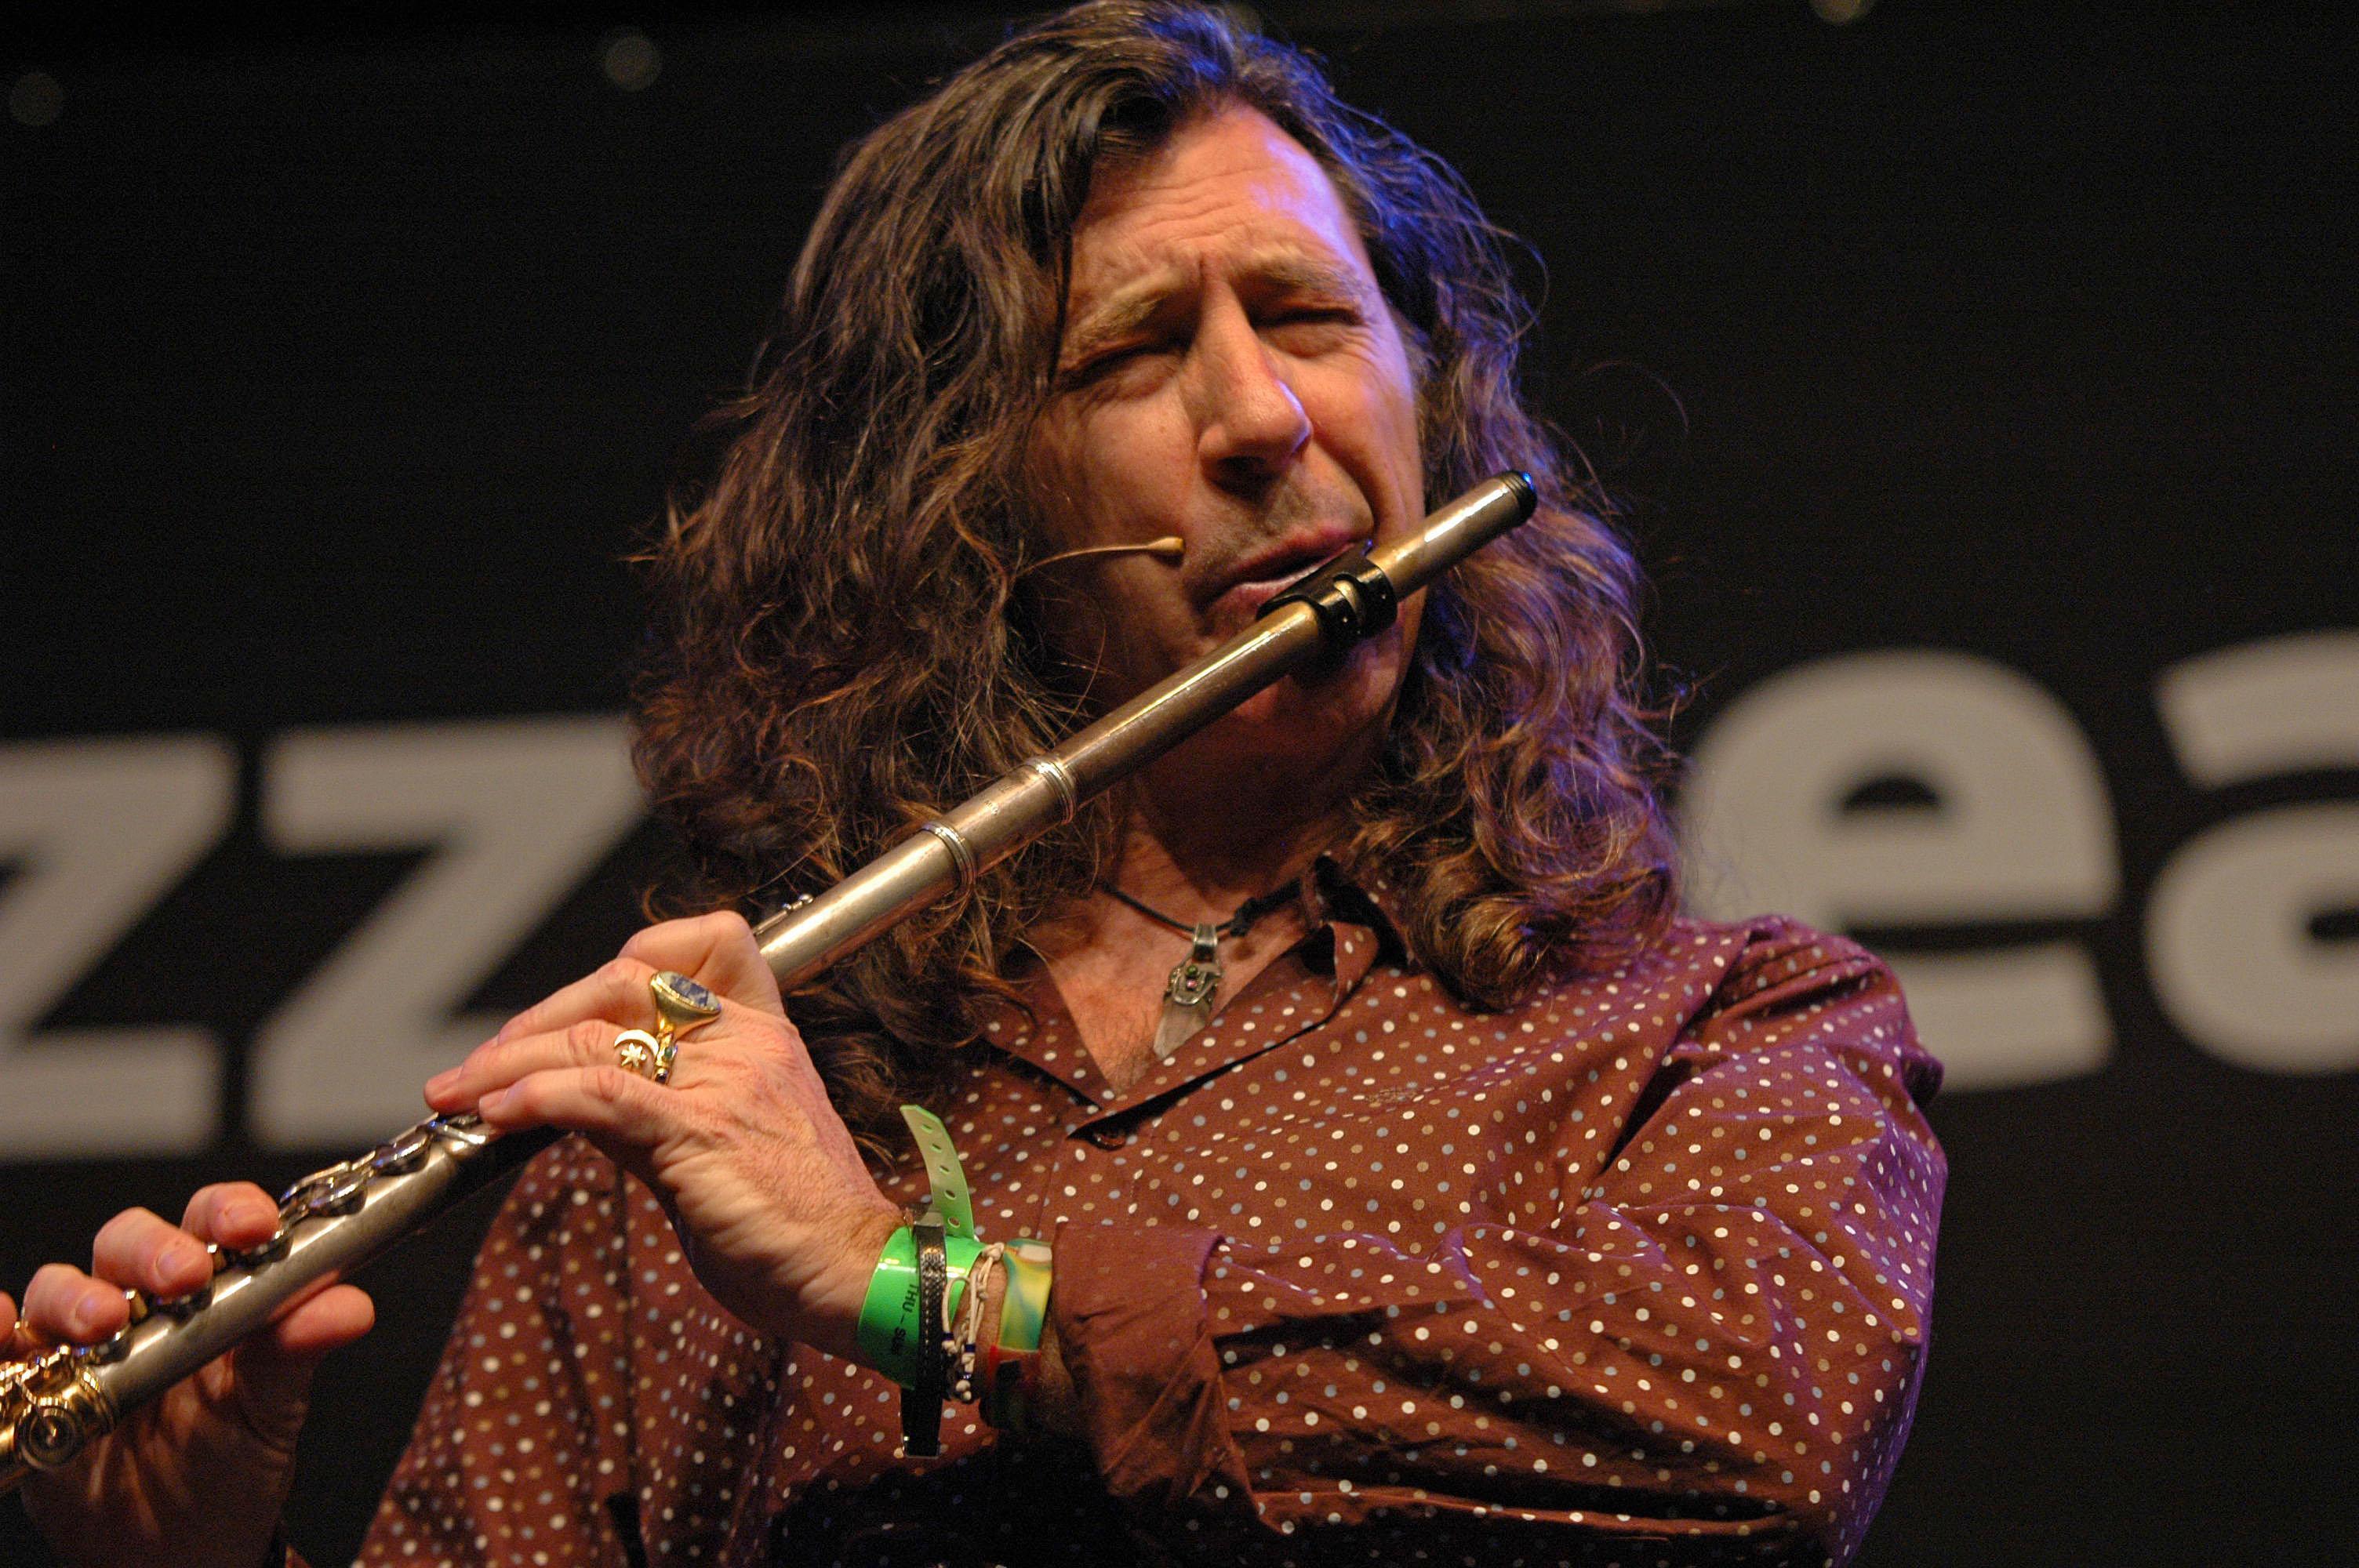 Jorge Pardo, Jazzahead!, 2012